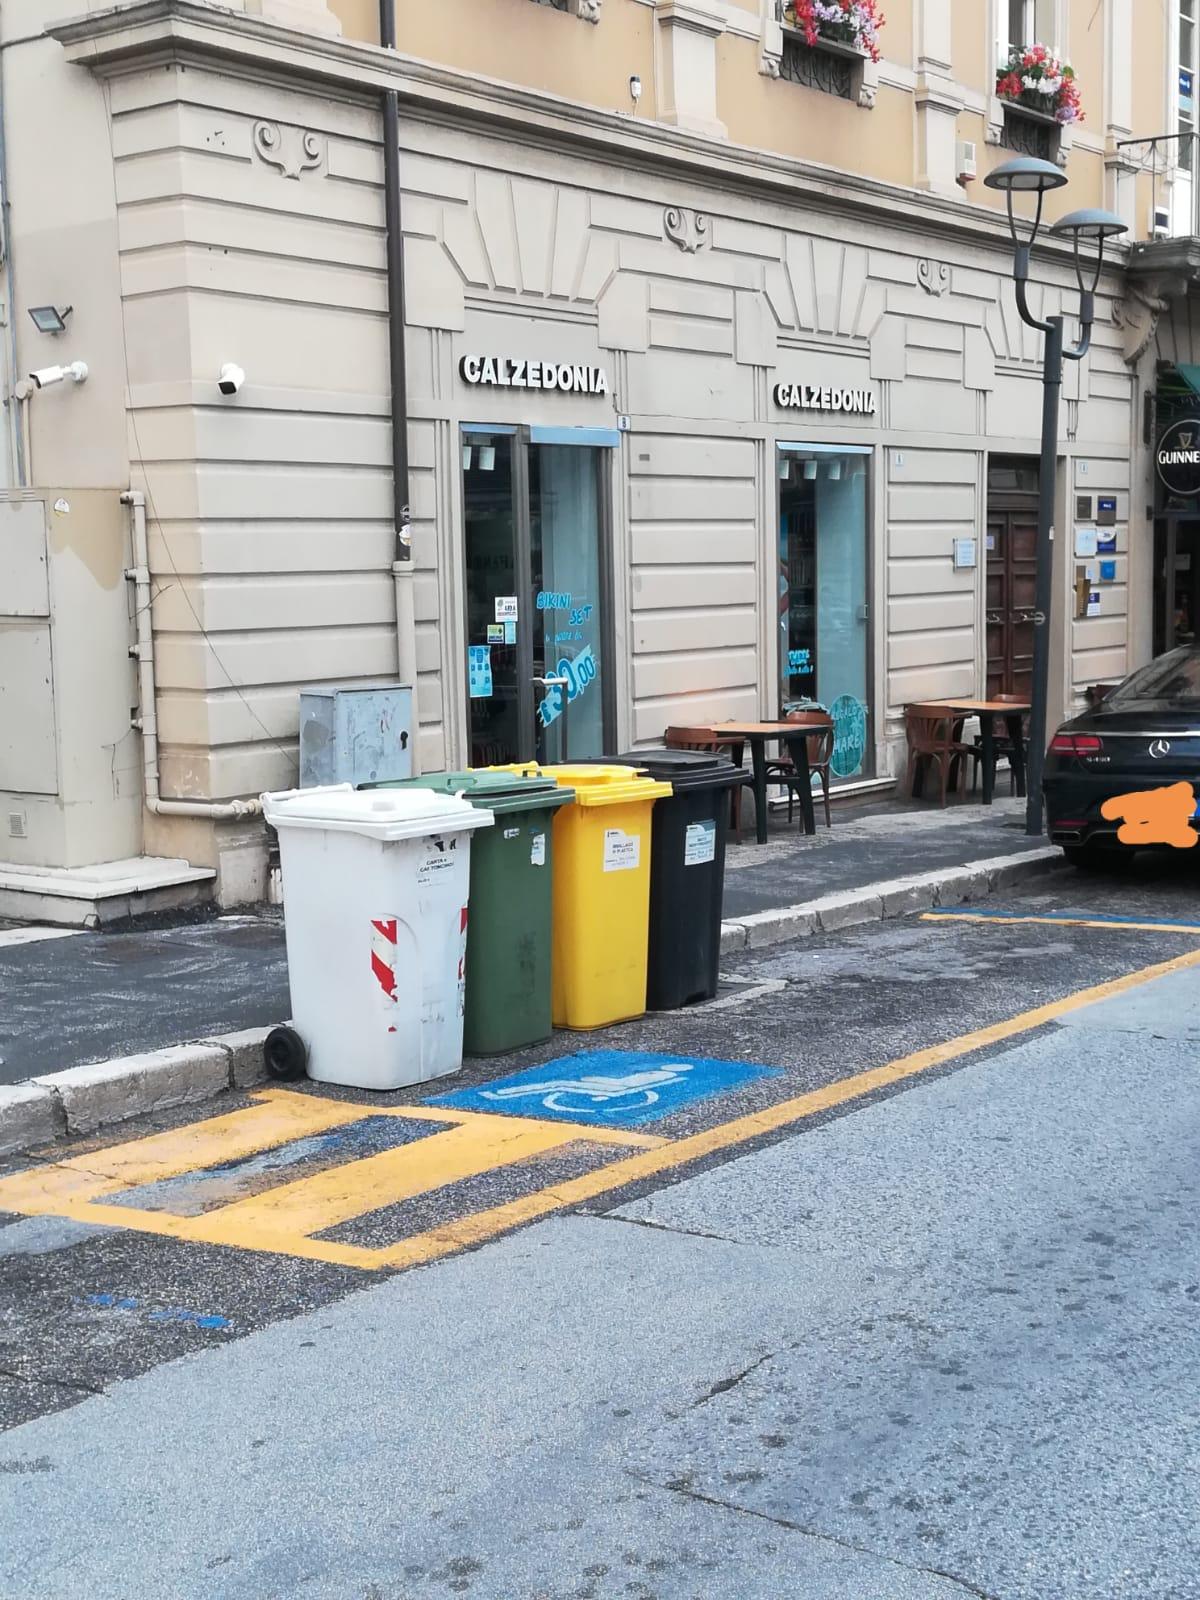 Secchi dei rifiuti sulla sosta per i disabili, gesto ignobile ed incivile